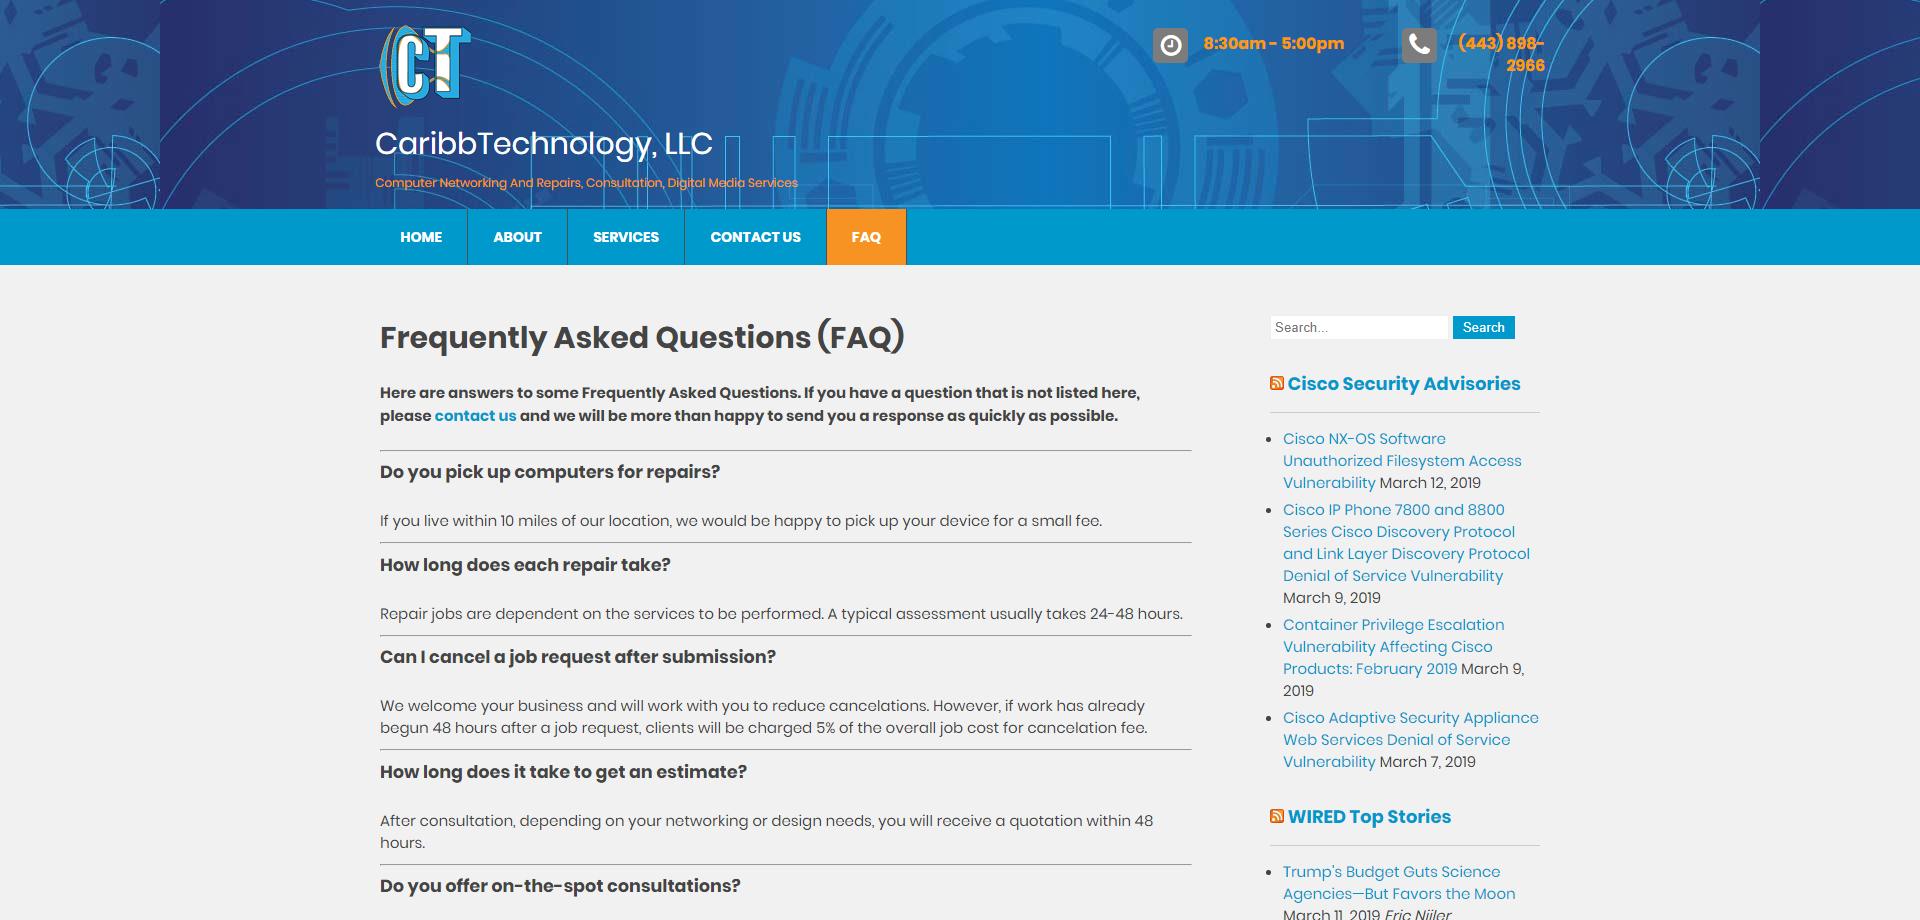 CaribbTechnology faq Web page